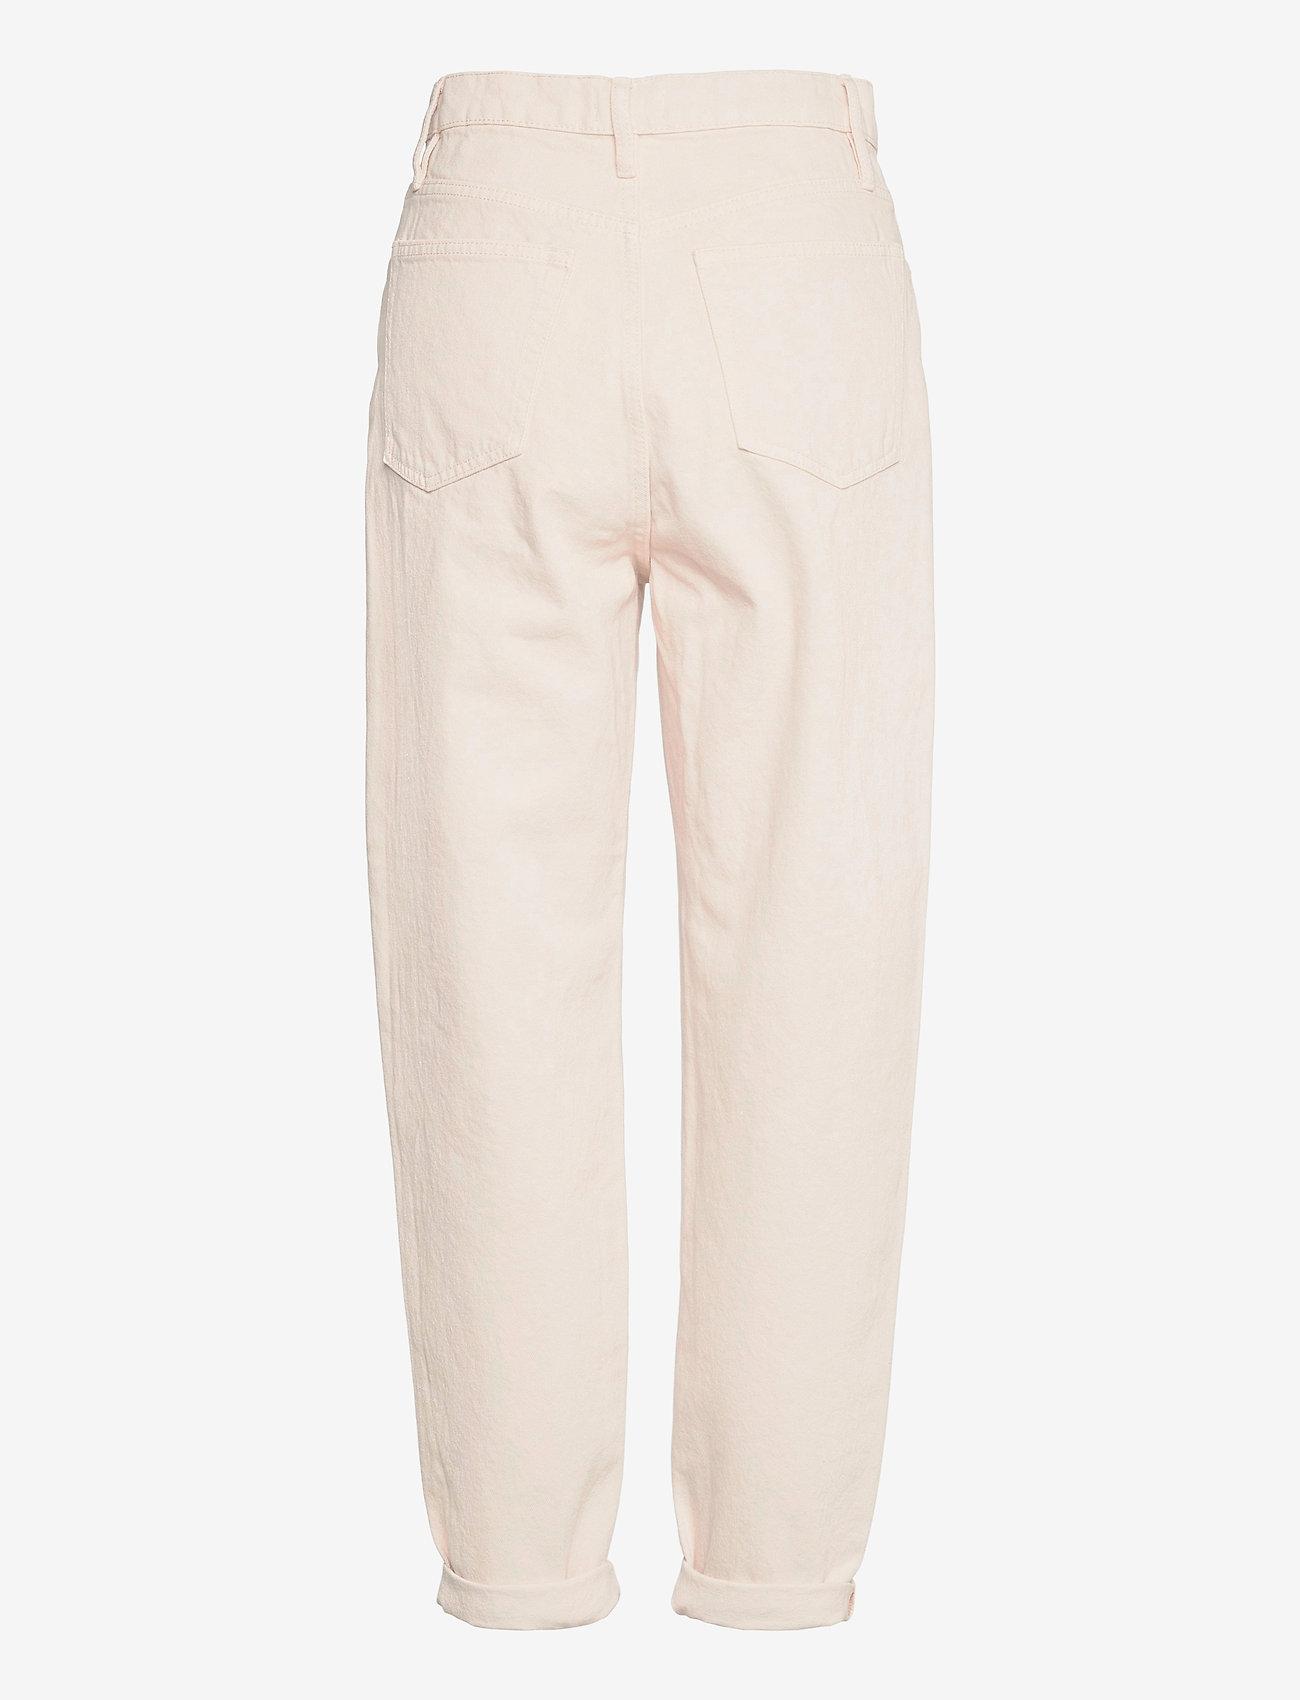 Lindex - Trousers denim Pam ecru - mom jeans - beige - 1